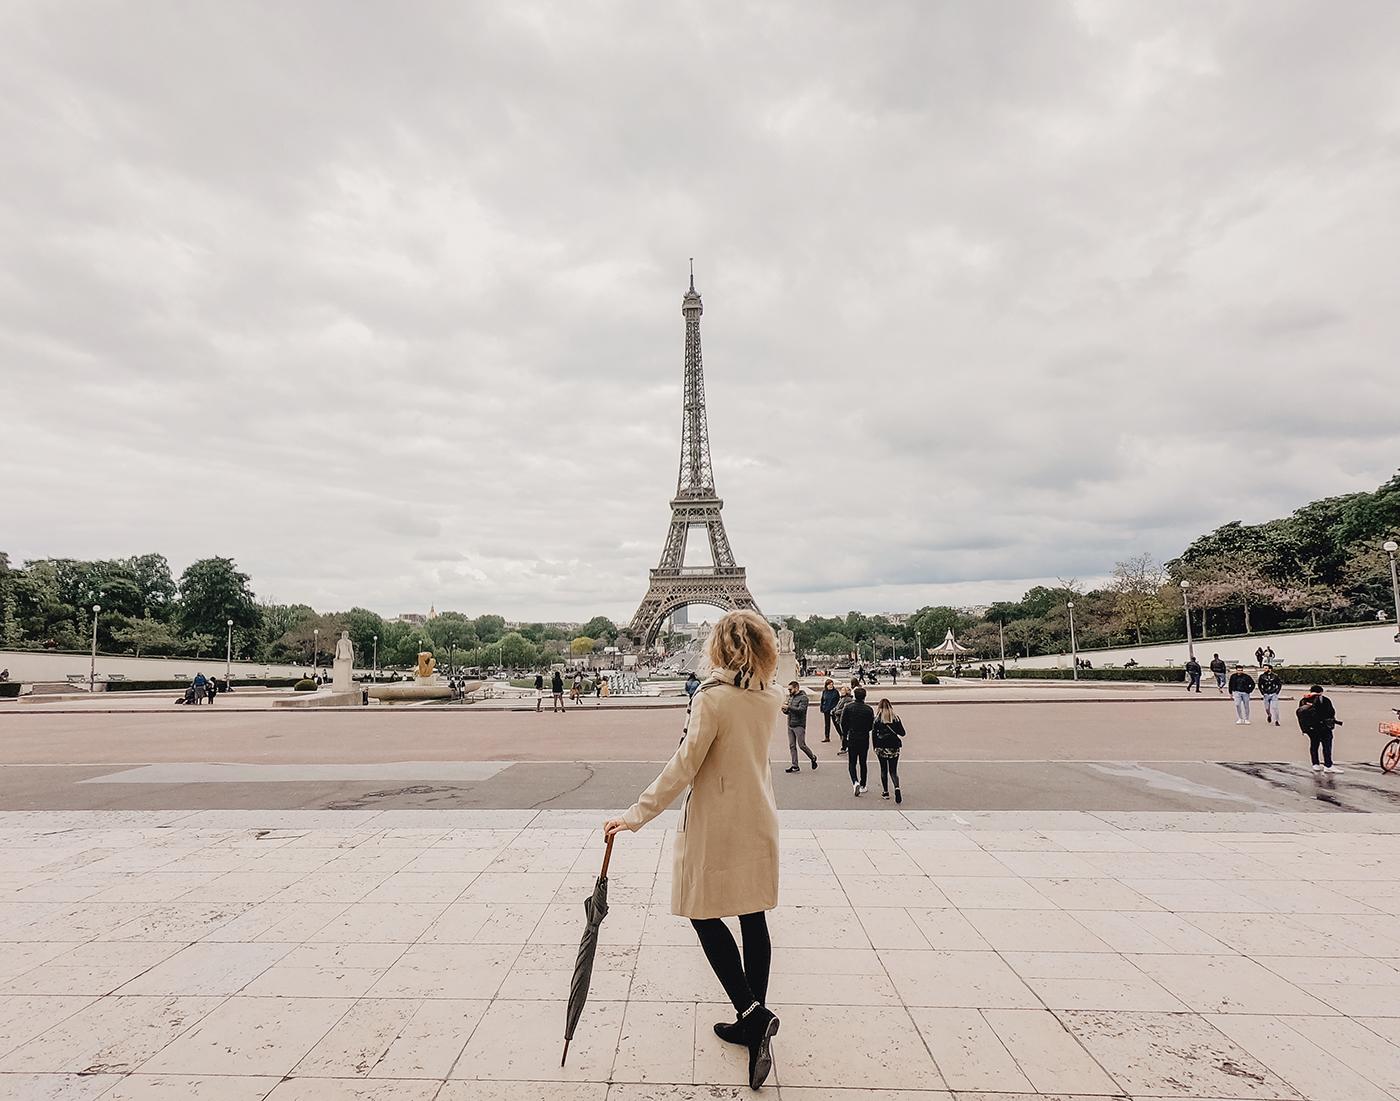 Paris Eiffelturm Platz Fotos